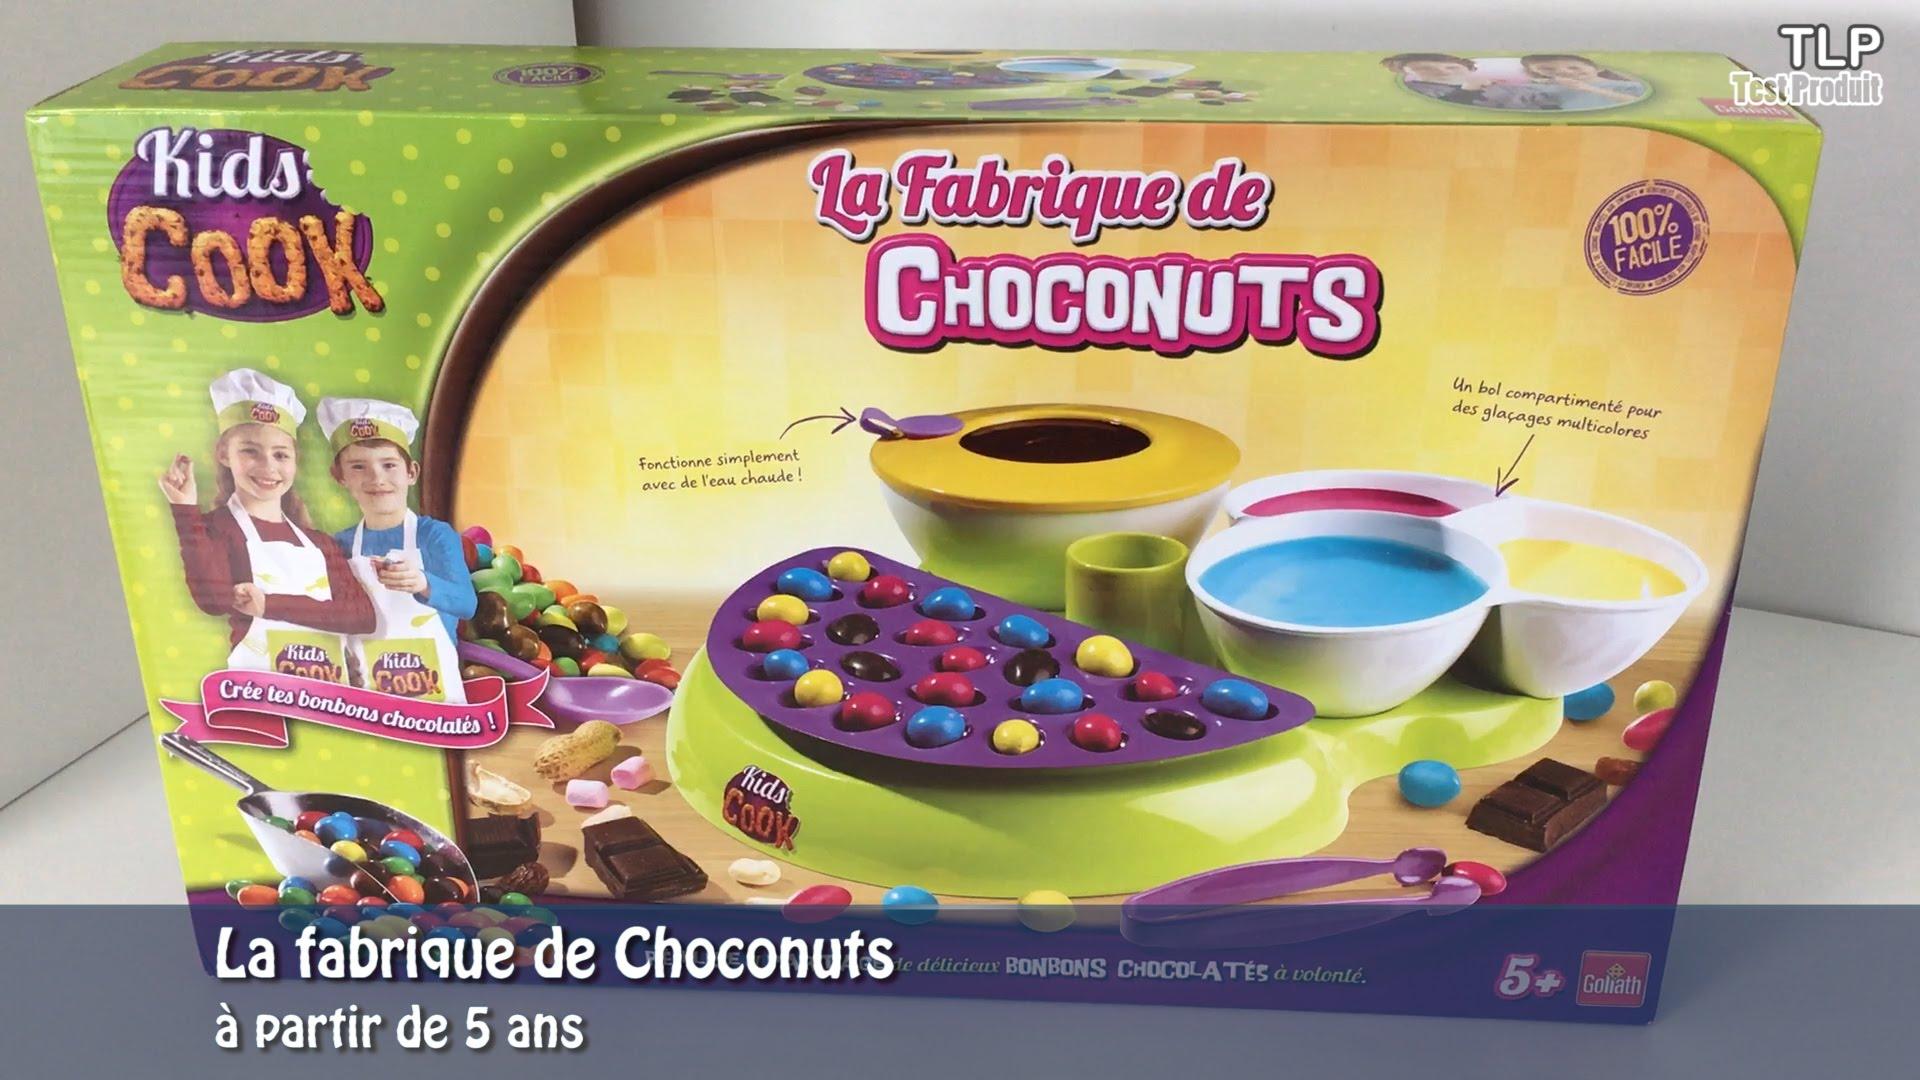 fabrique de choconuts